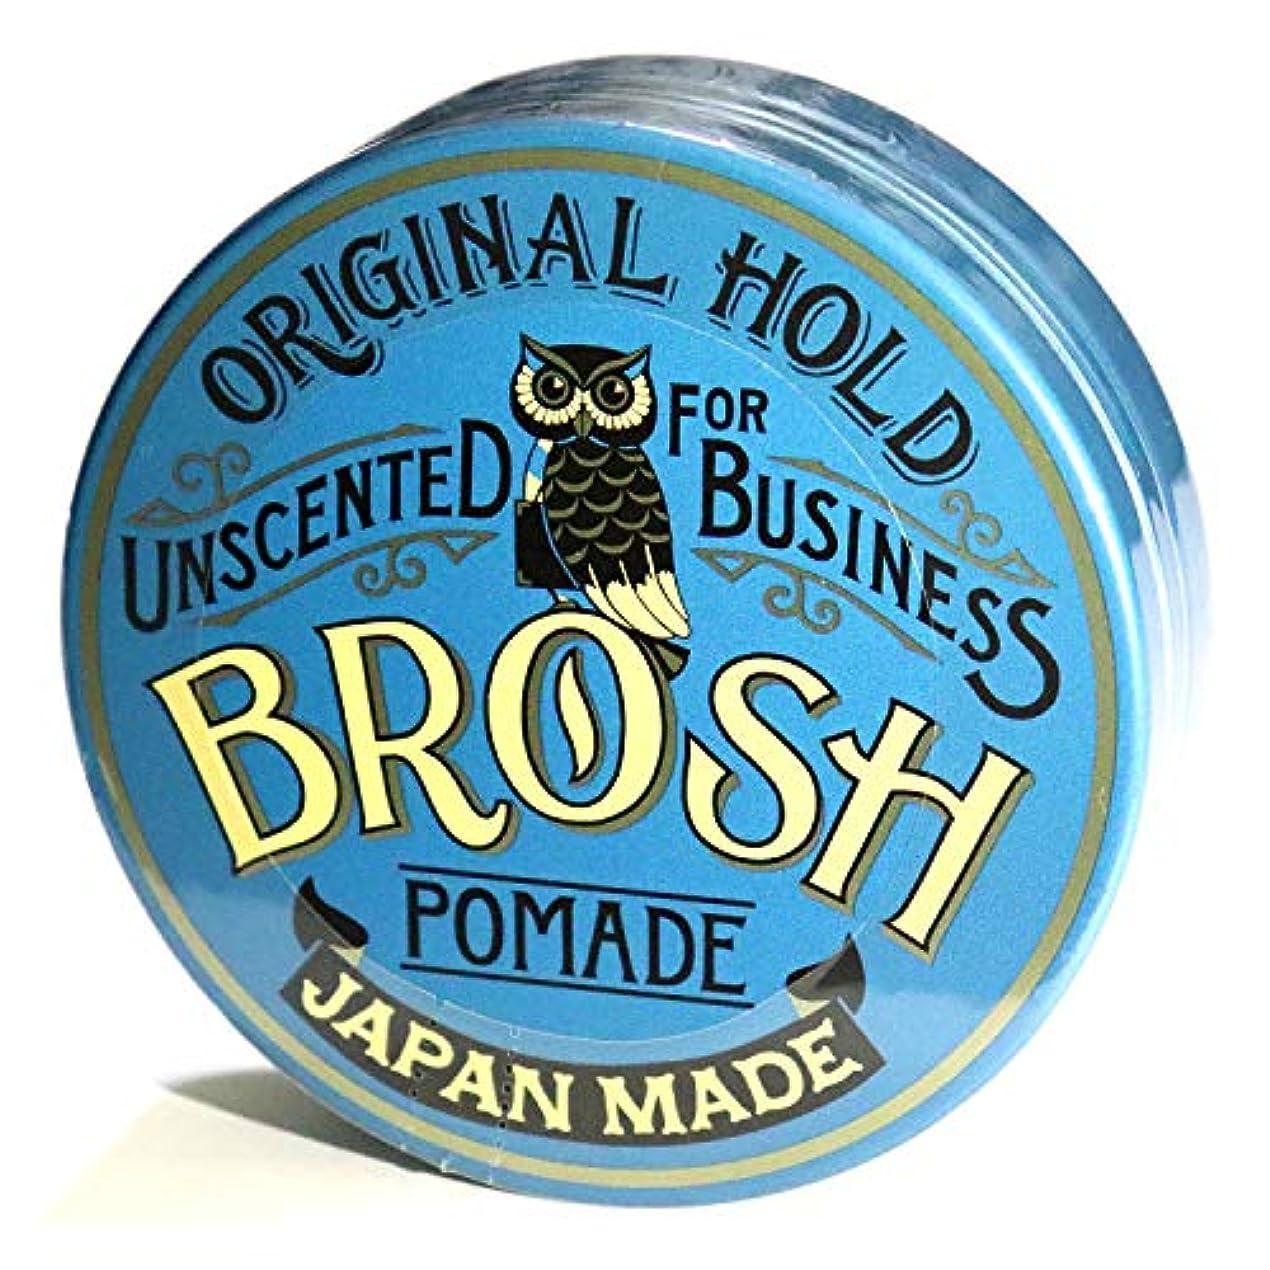 自転車火傷とてもBROSH (ブロッシュ) BROSH POMADE UNSCENTED/BIZ 115g 水性ポマード 整髪料 無香料